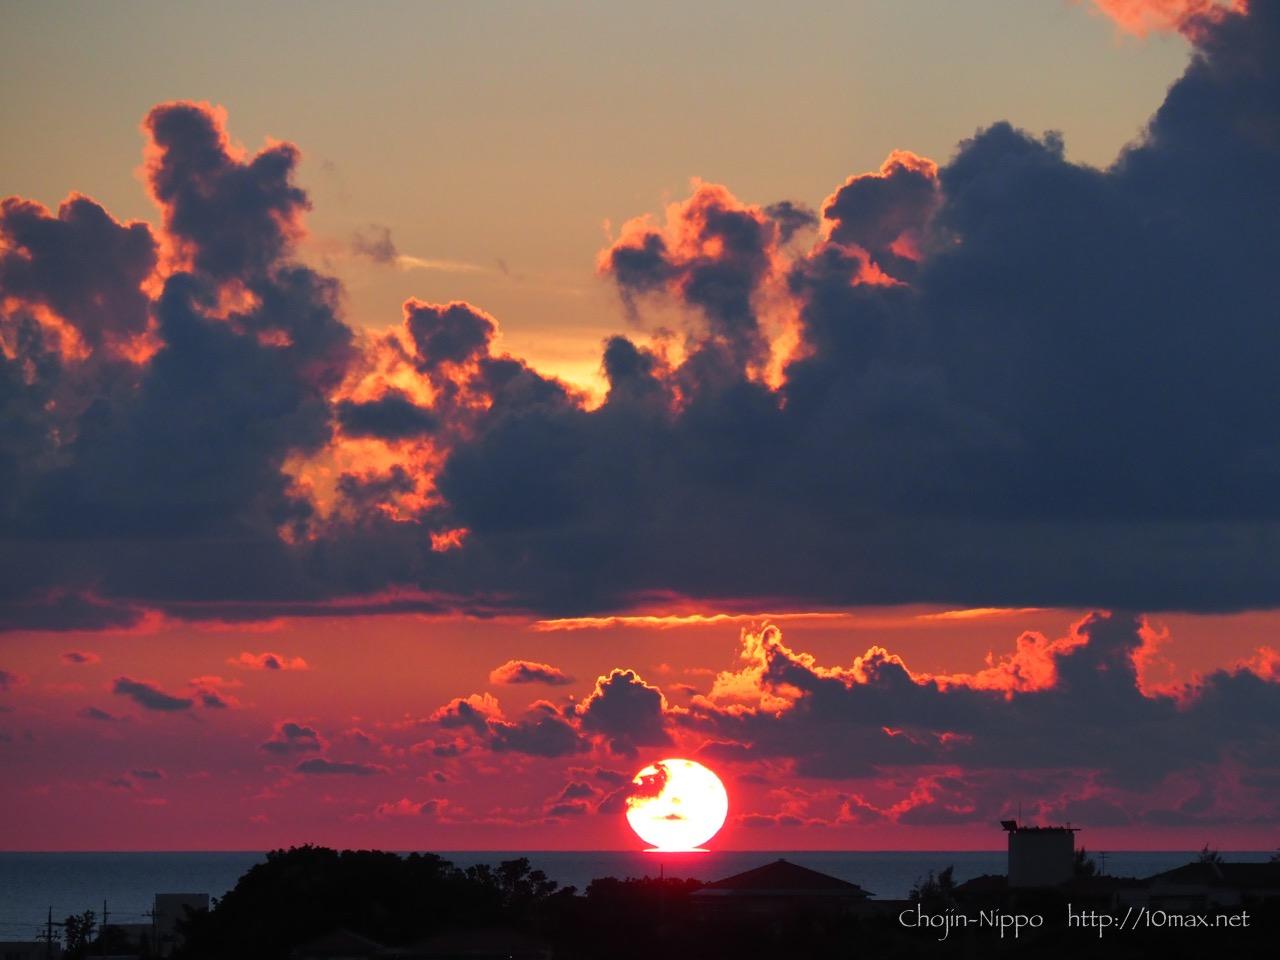 石垣島 だるま夕日